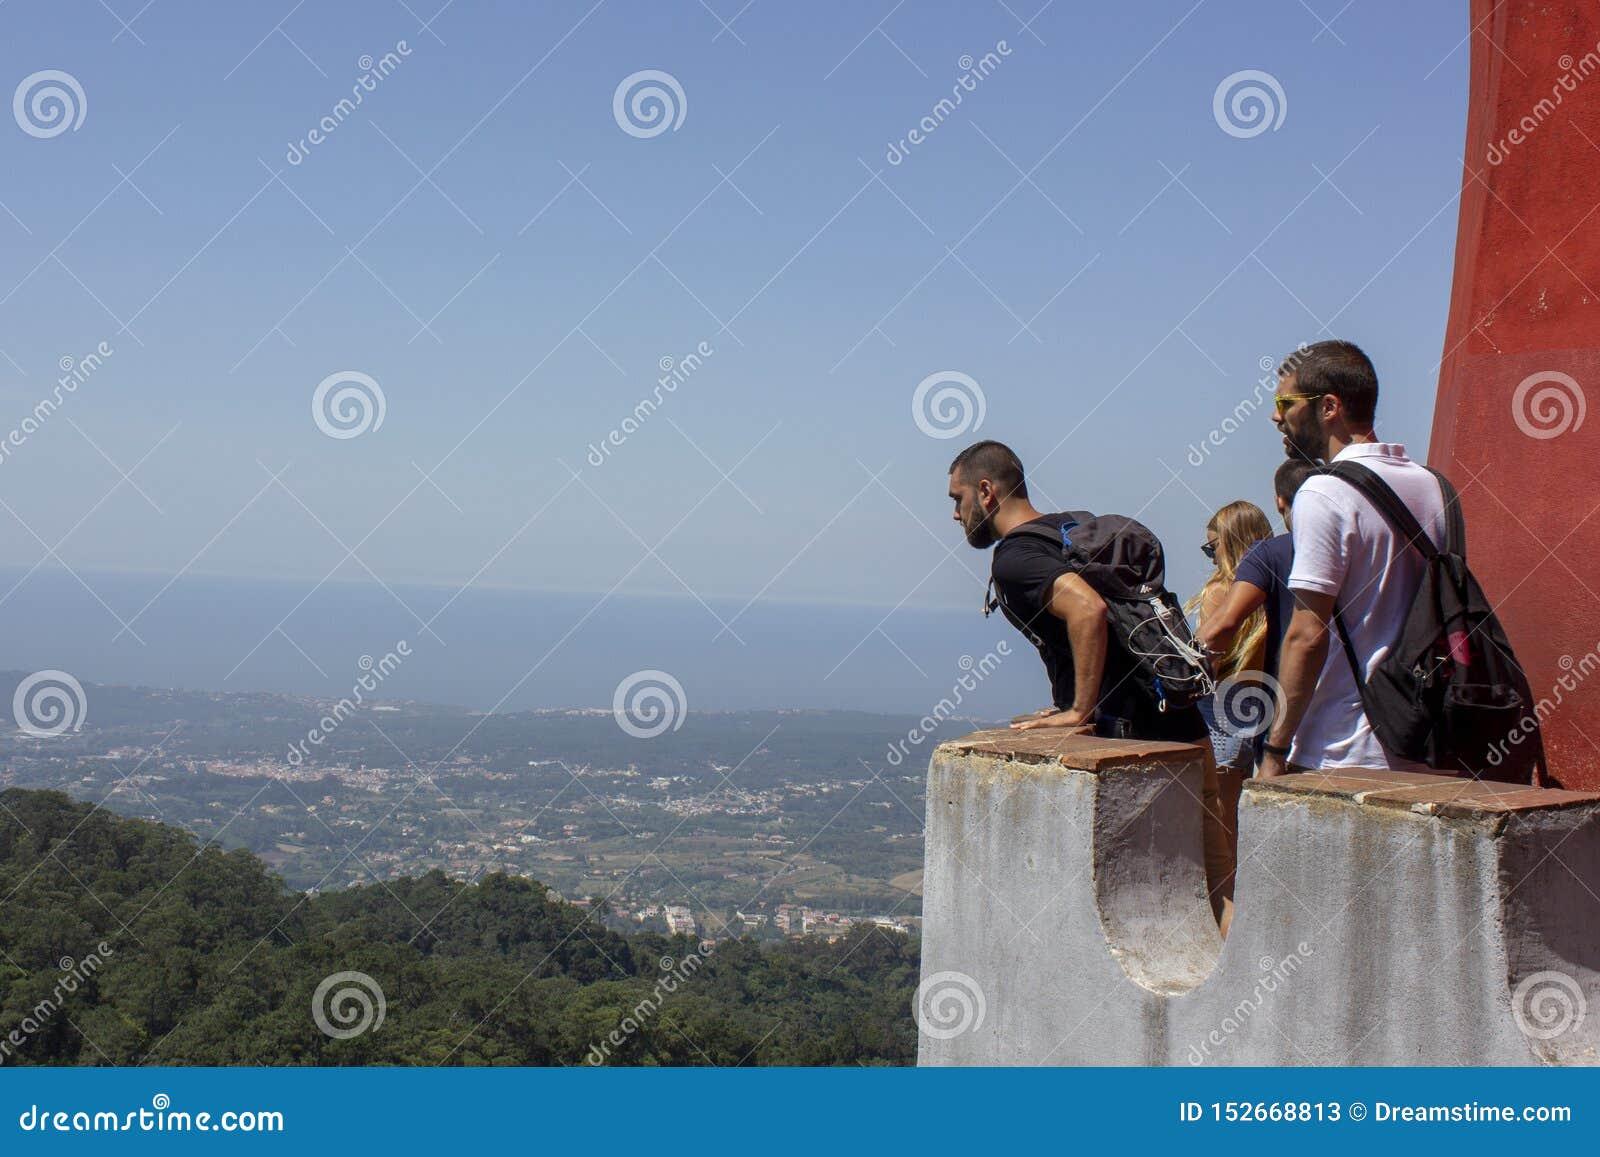 Toeristen bij het mooie landschap worden verbaasd dat